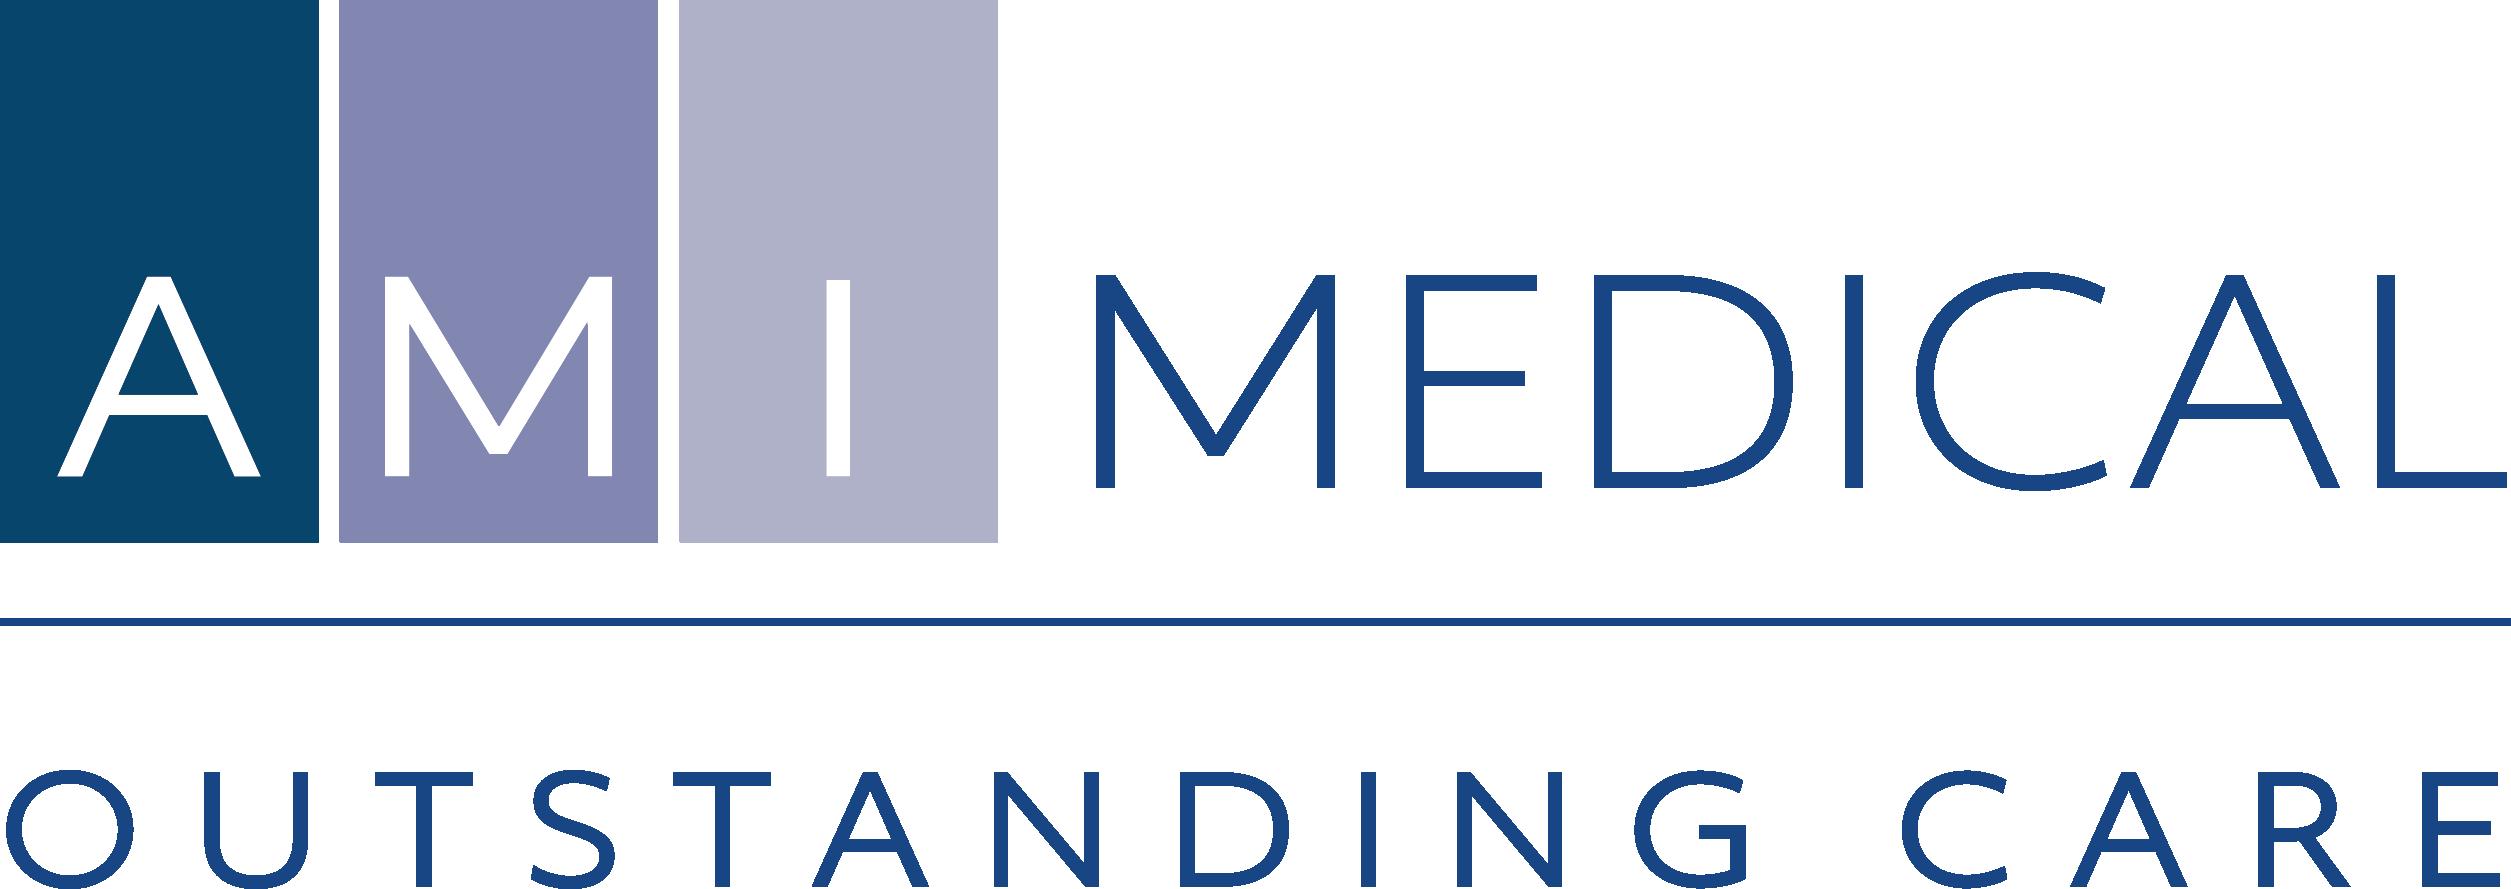 AMI Medical